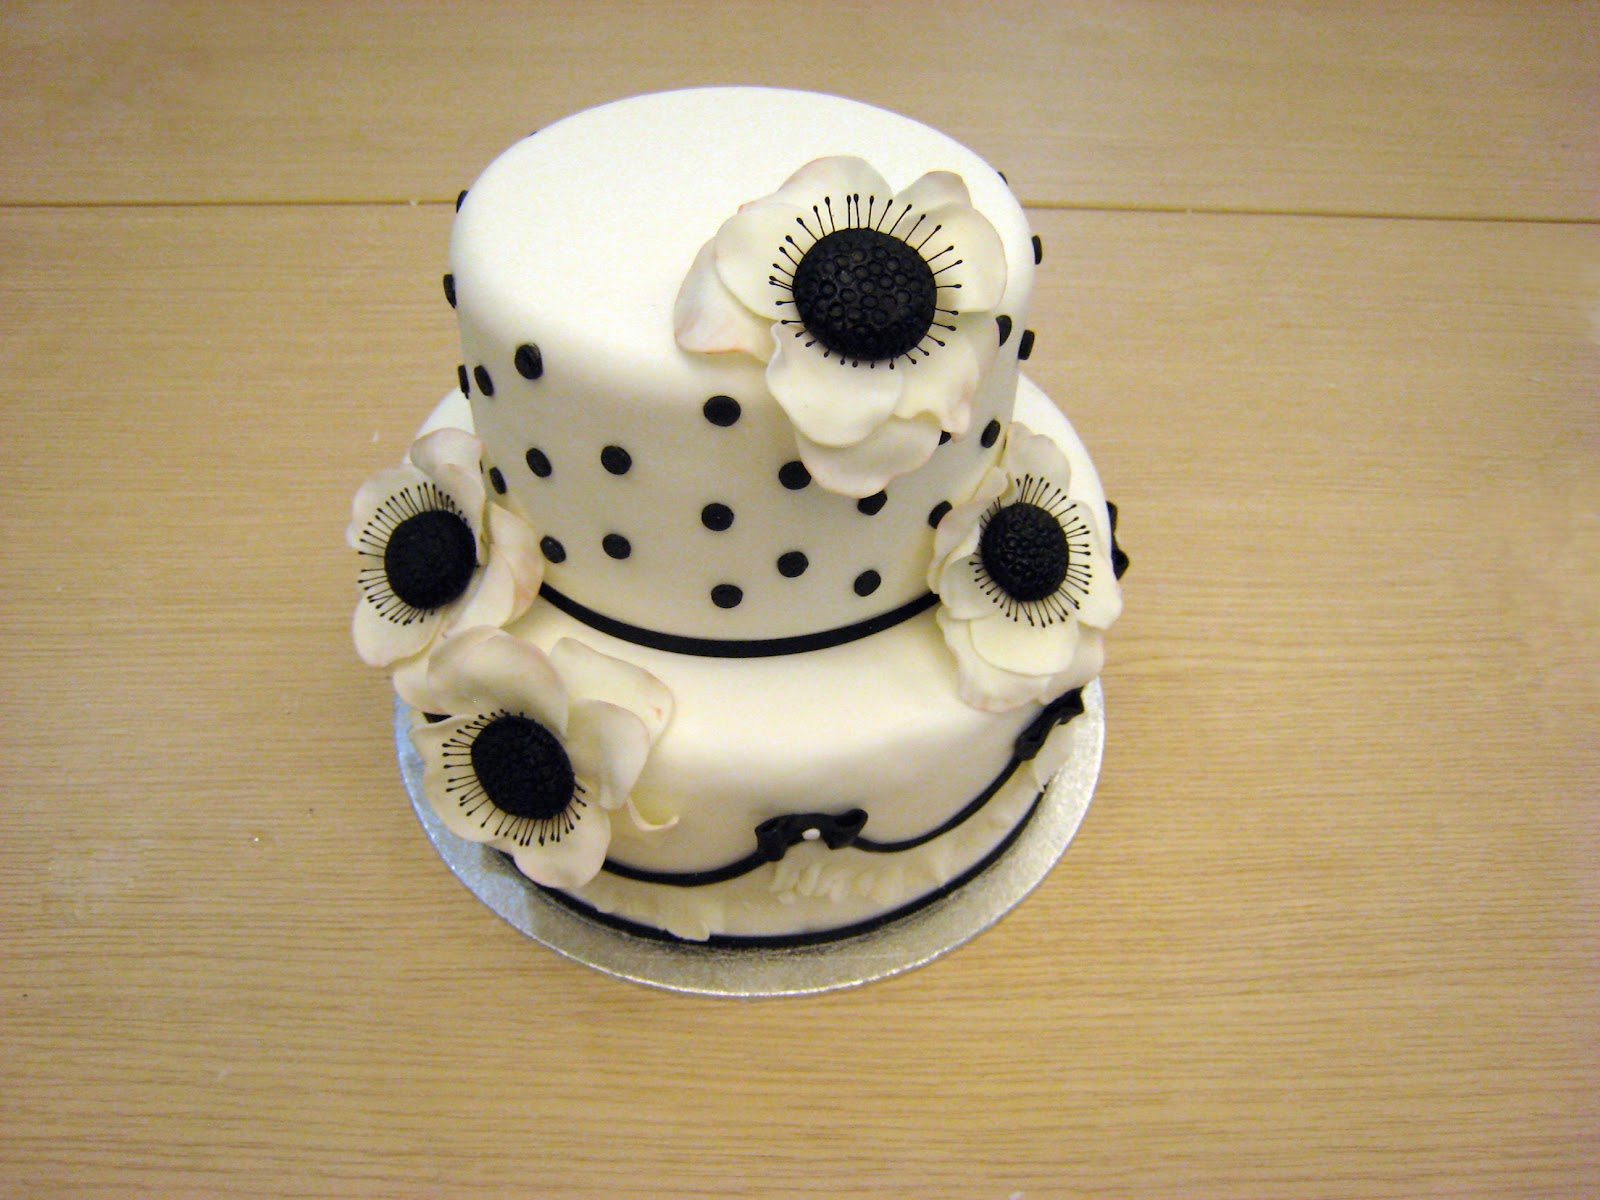 Cake Design Genova Corsi : Bloggoloso: Resoconto del corso di cake design del 3 marzo ...